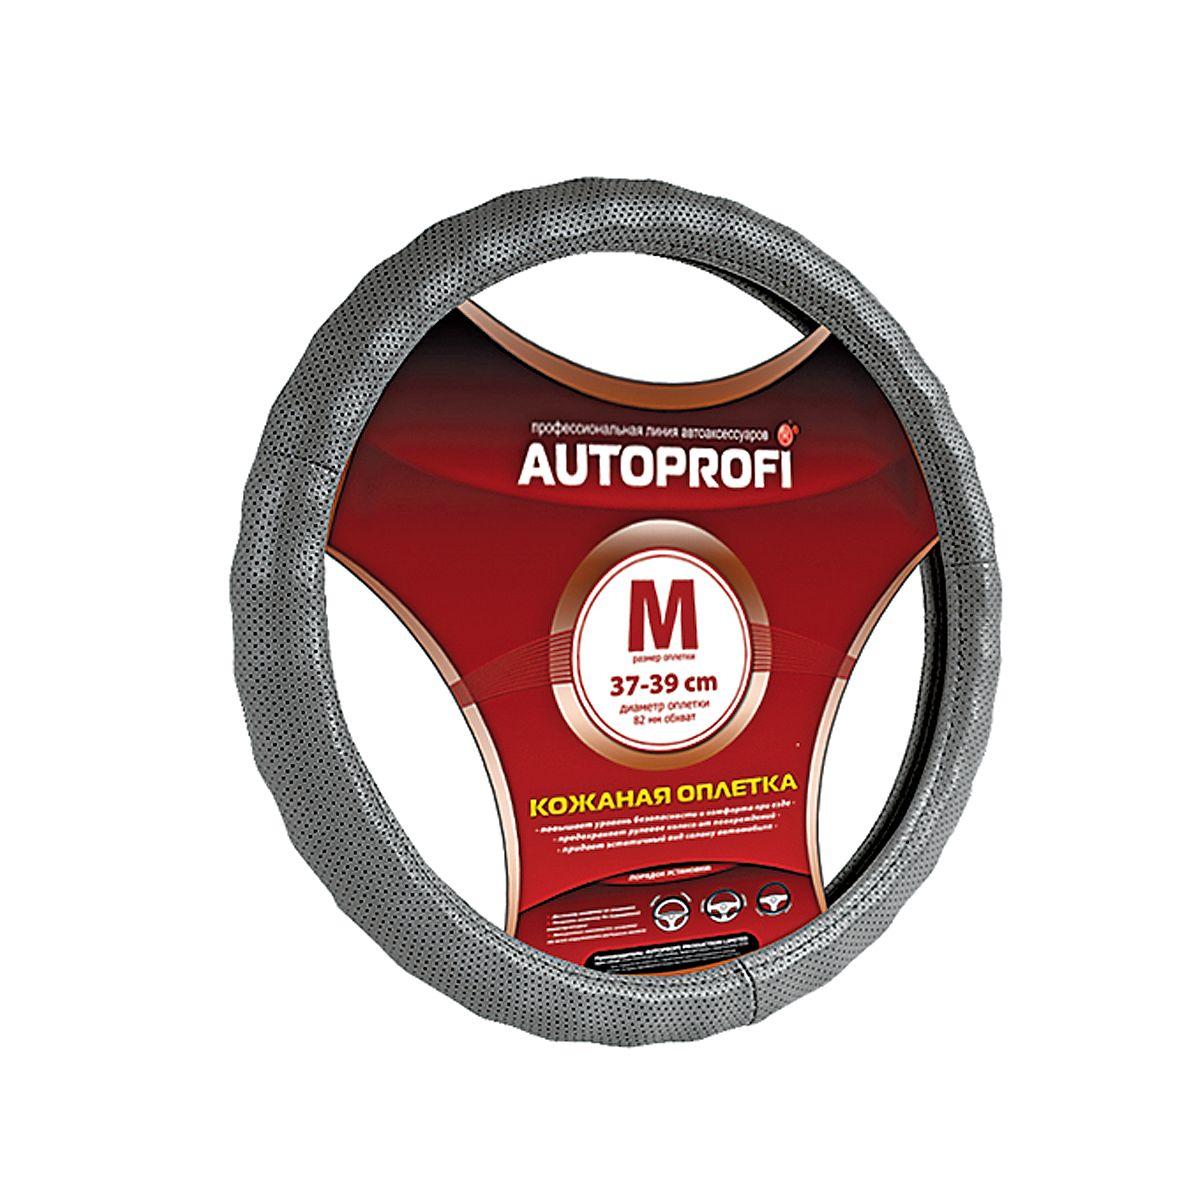 Оплетка Autoprofi Ap-396 d.gy (m) autoprofi оплётка для перетяжки руля autoprofi экокожа с перфорированными вставками нить игла чёрн серы